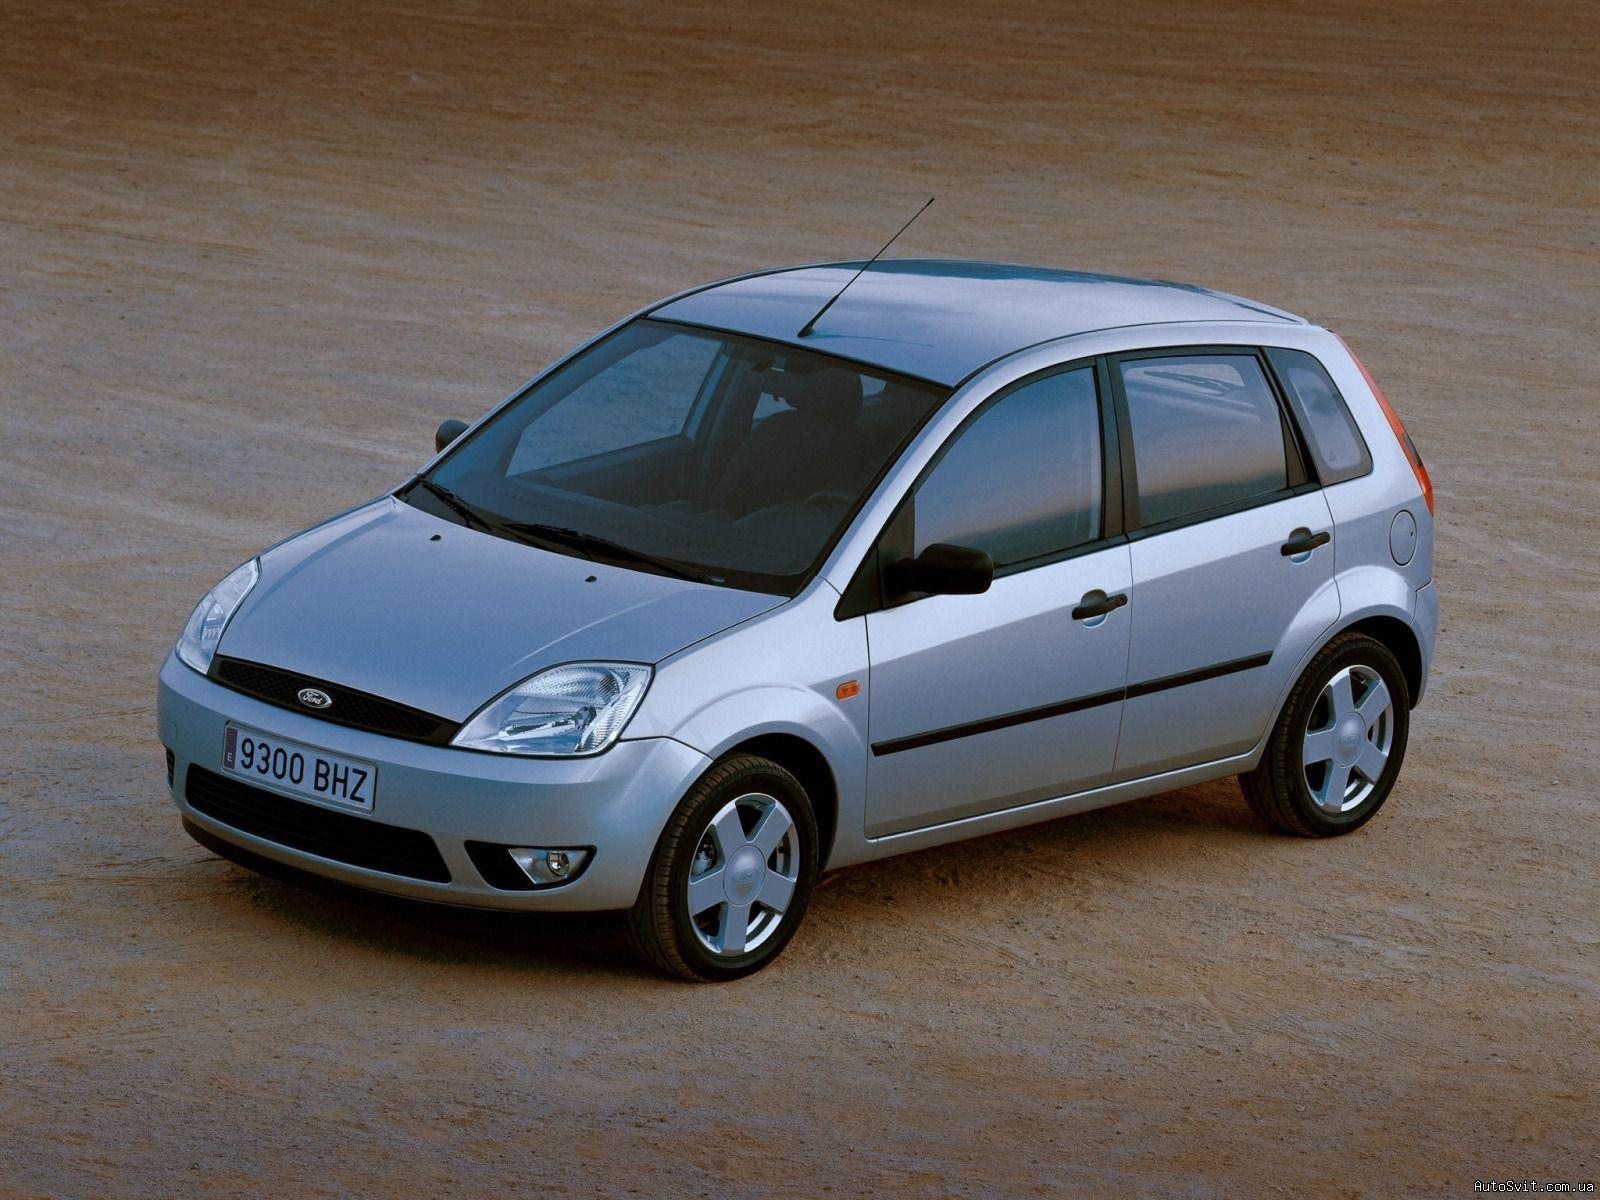 35+ Ford fiesta 2002 diesel trends